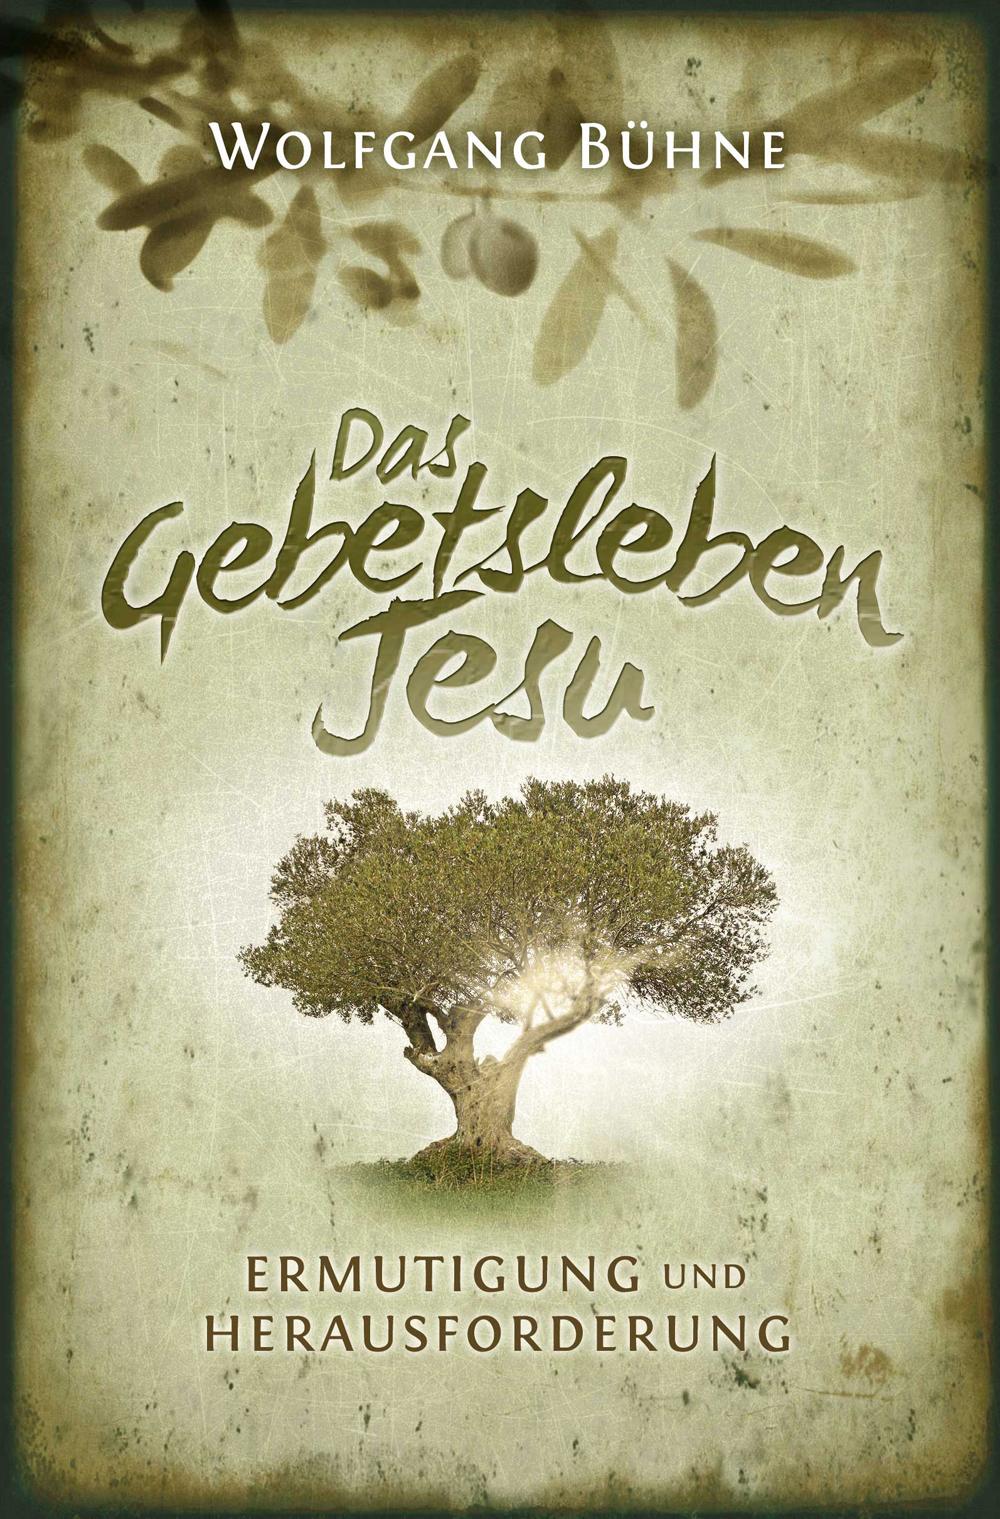 CLV_e-book-das-gebetsleben-jesu_wolfgang-buehne_256801_1